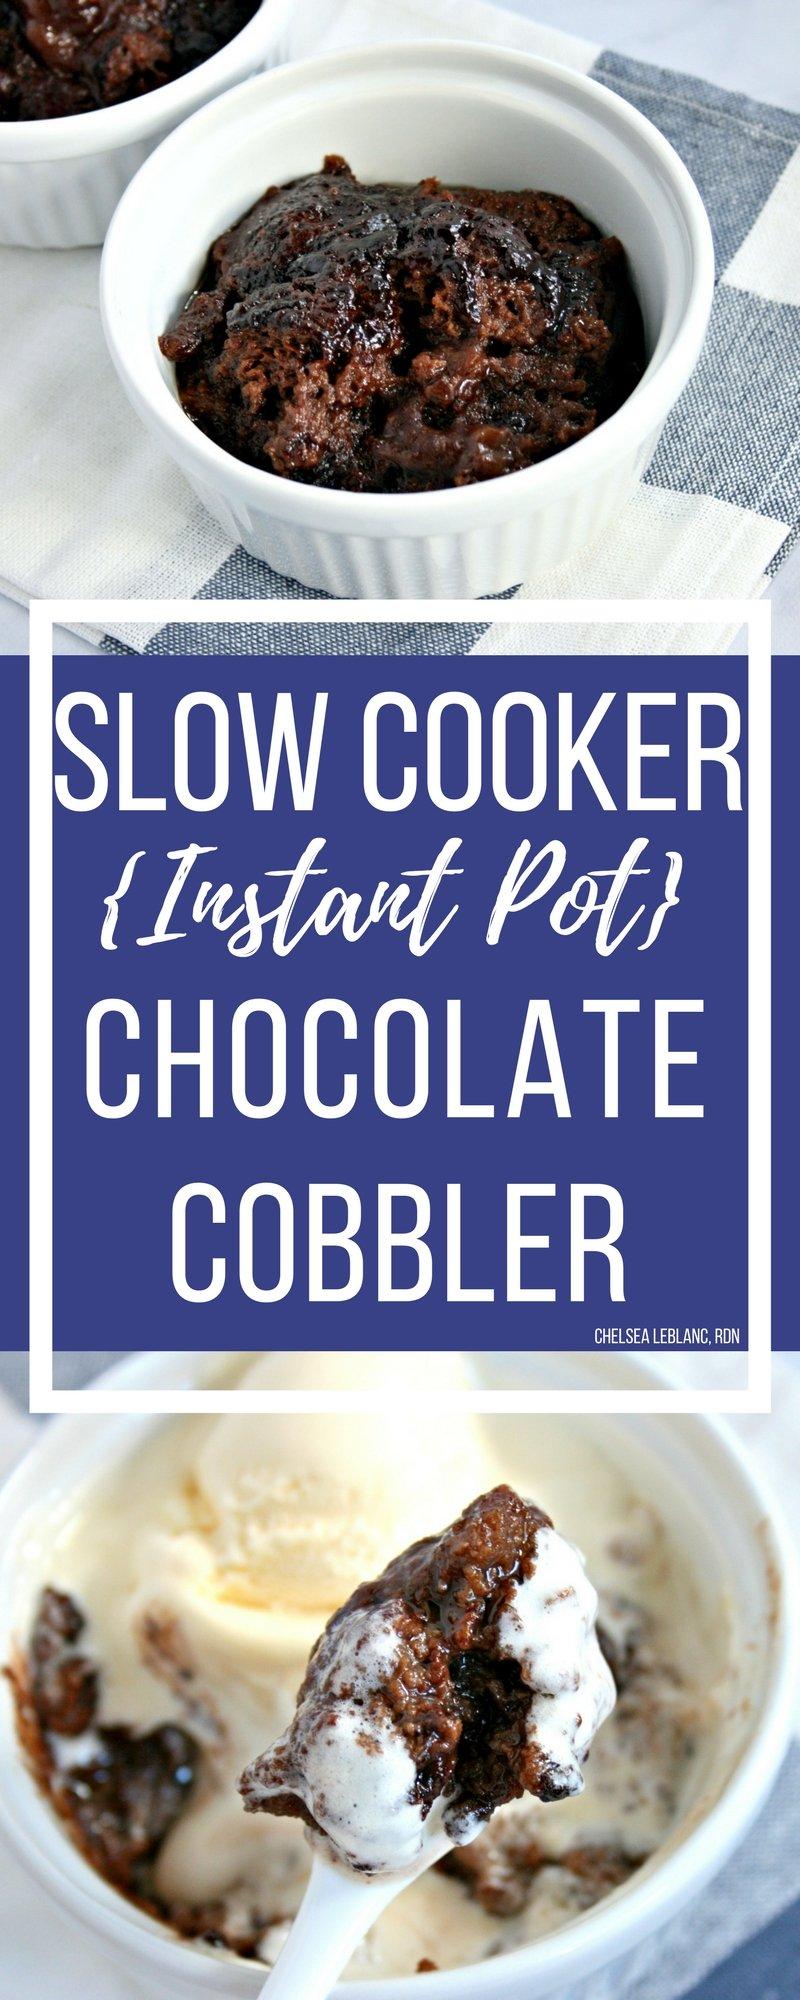 Instant Pot Chocolate Cobbler - Chelsea's Choices